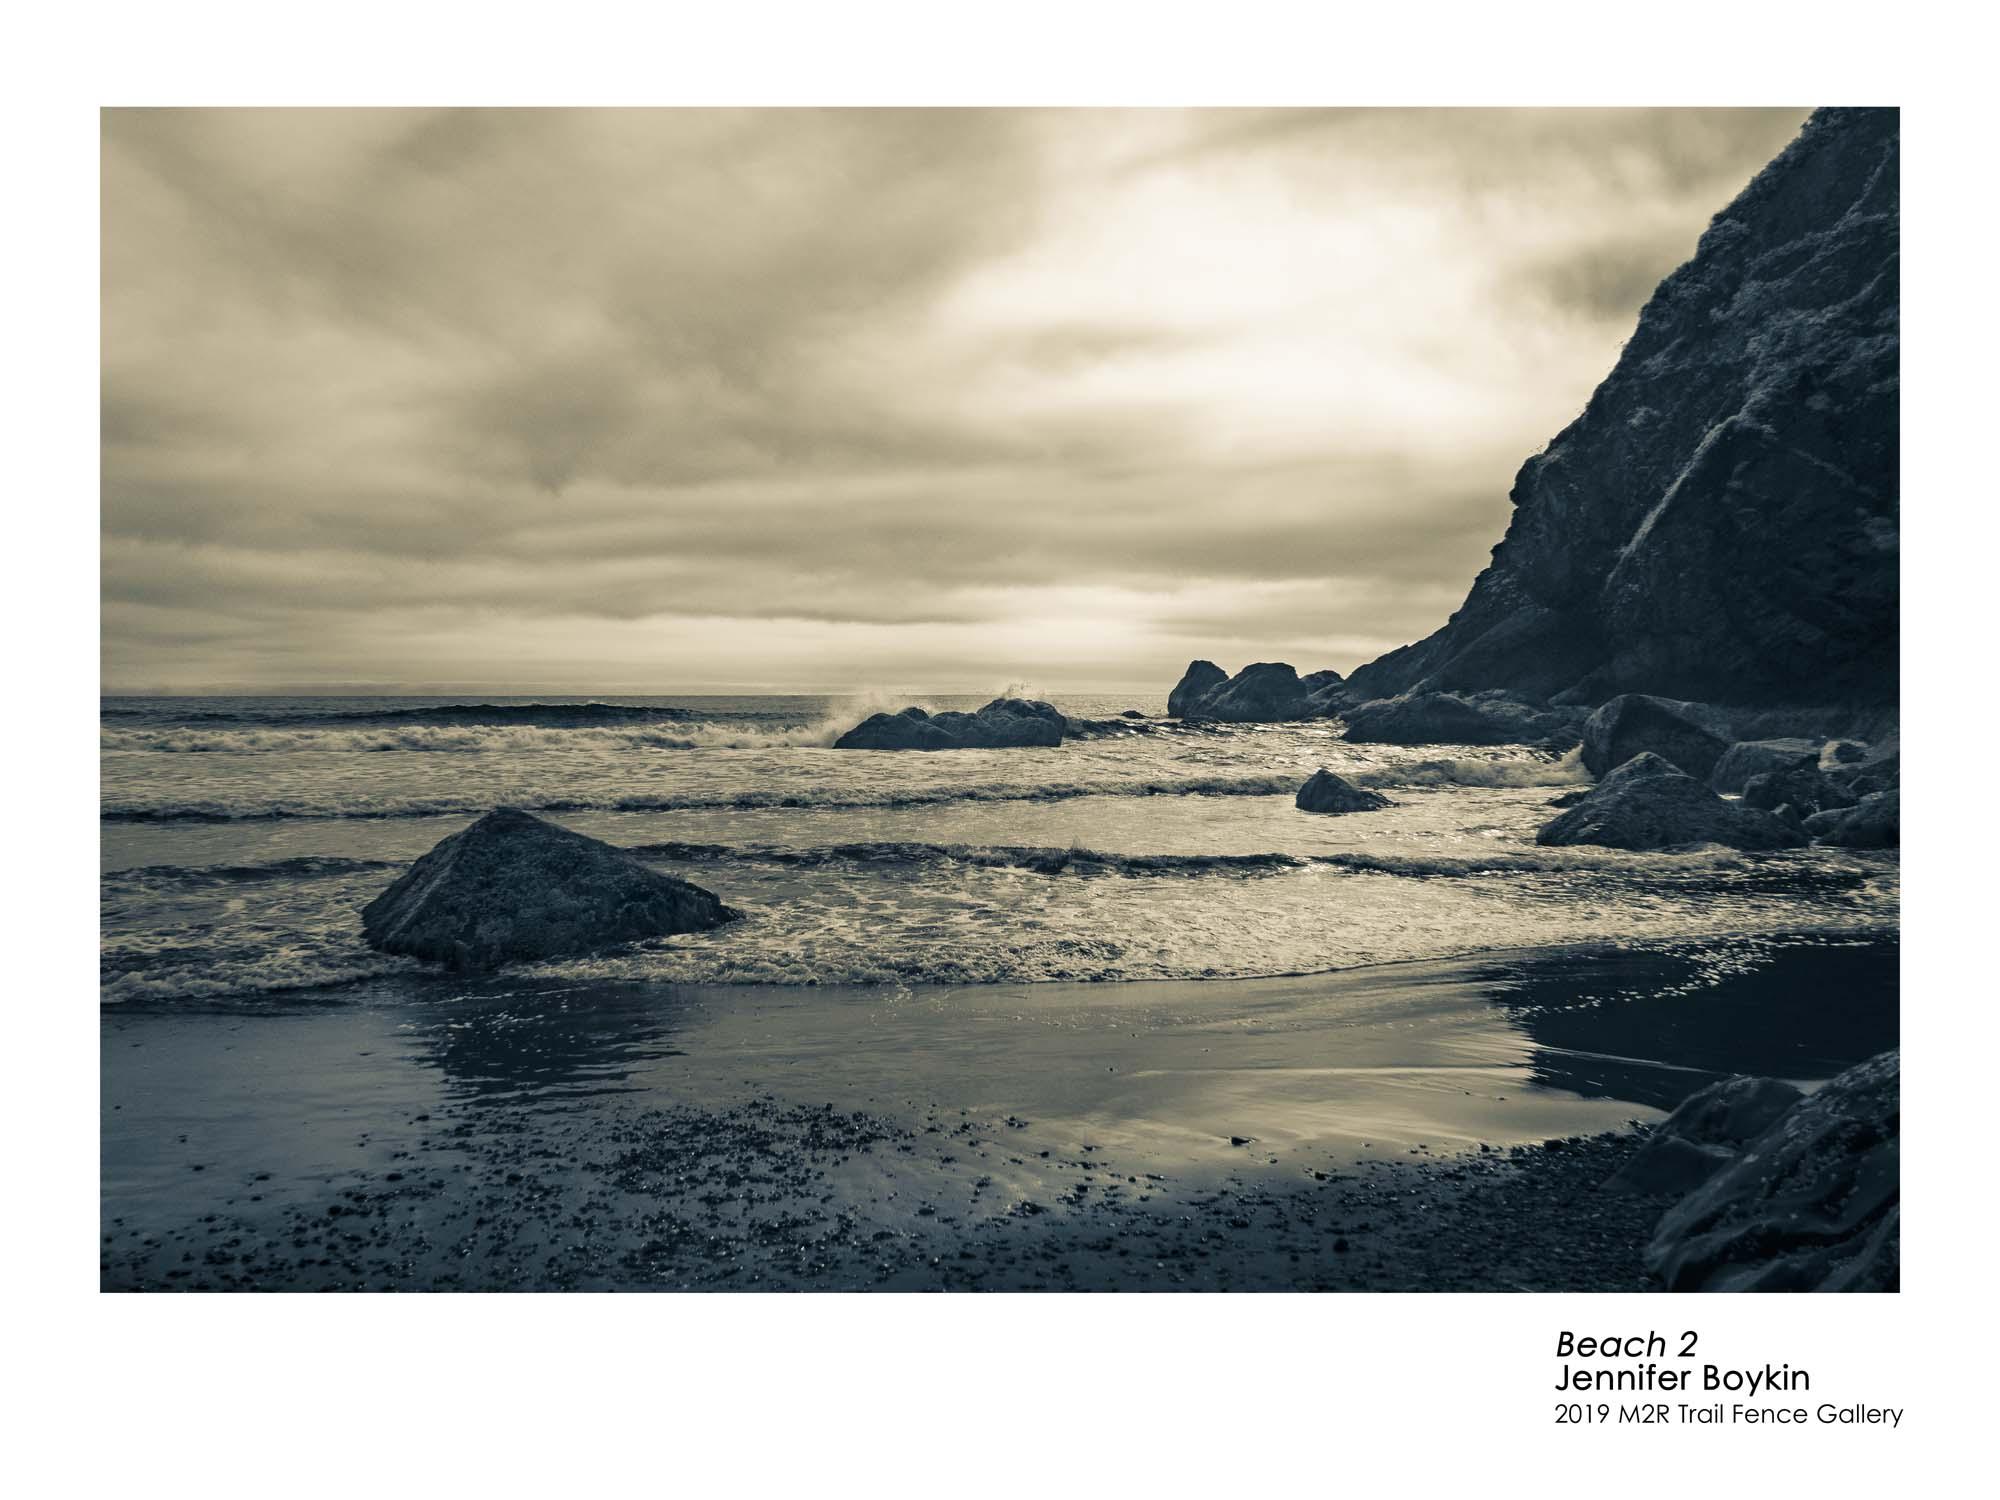 JenniferBoykin_Beach2_36x24.jpg